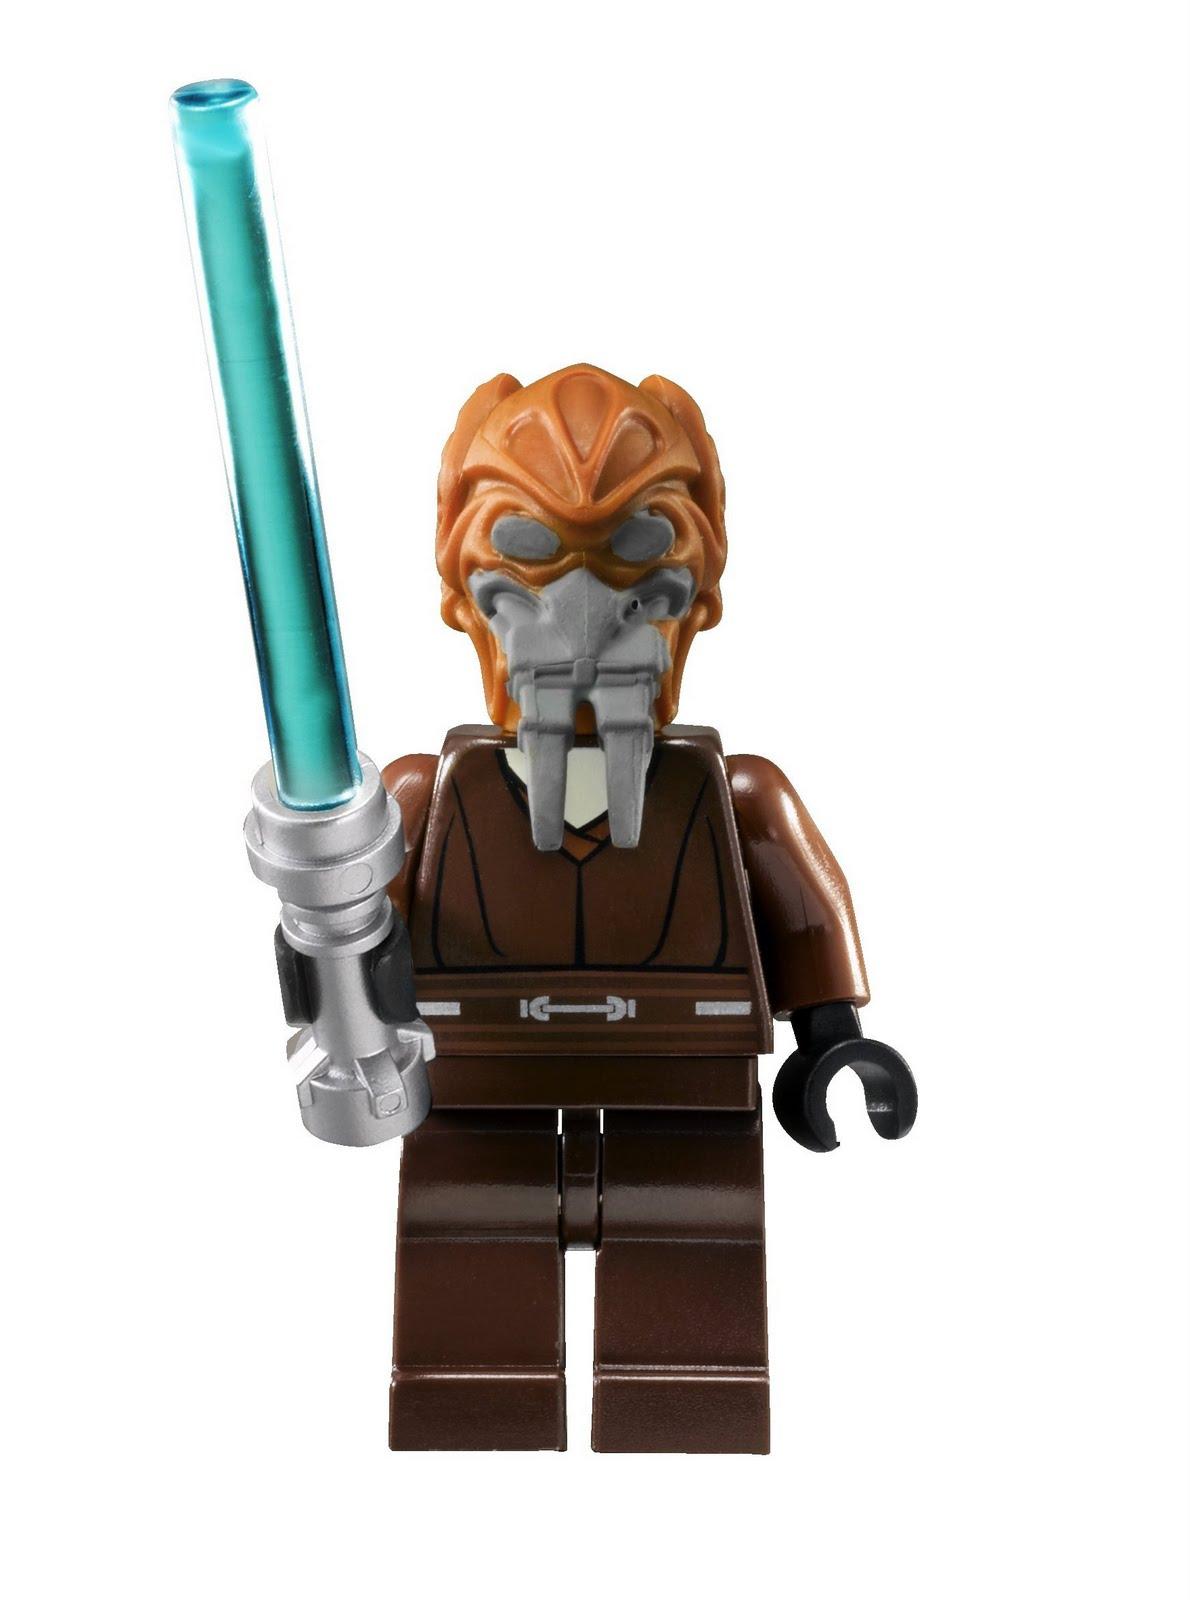 Plo koon brickipedia fandom powered by wikia - Lego star warse ...